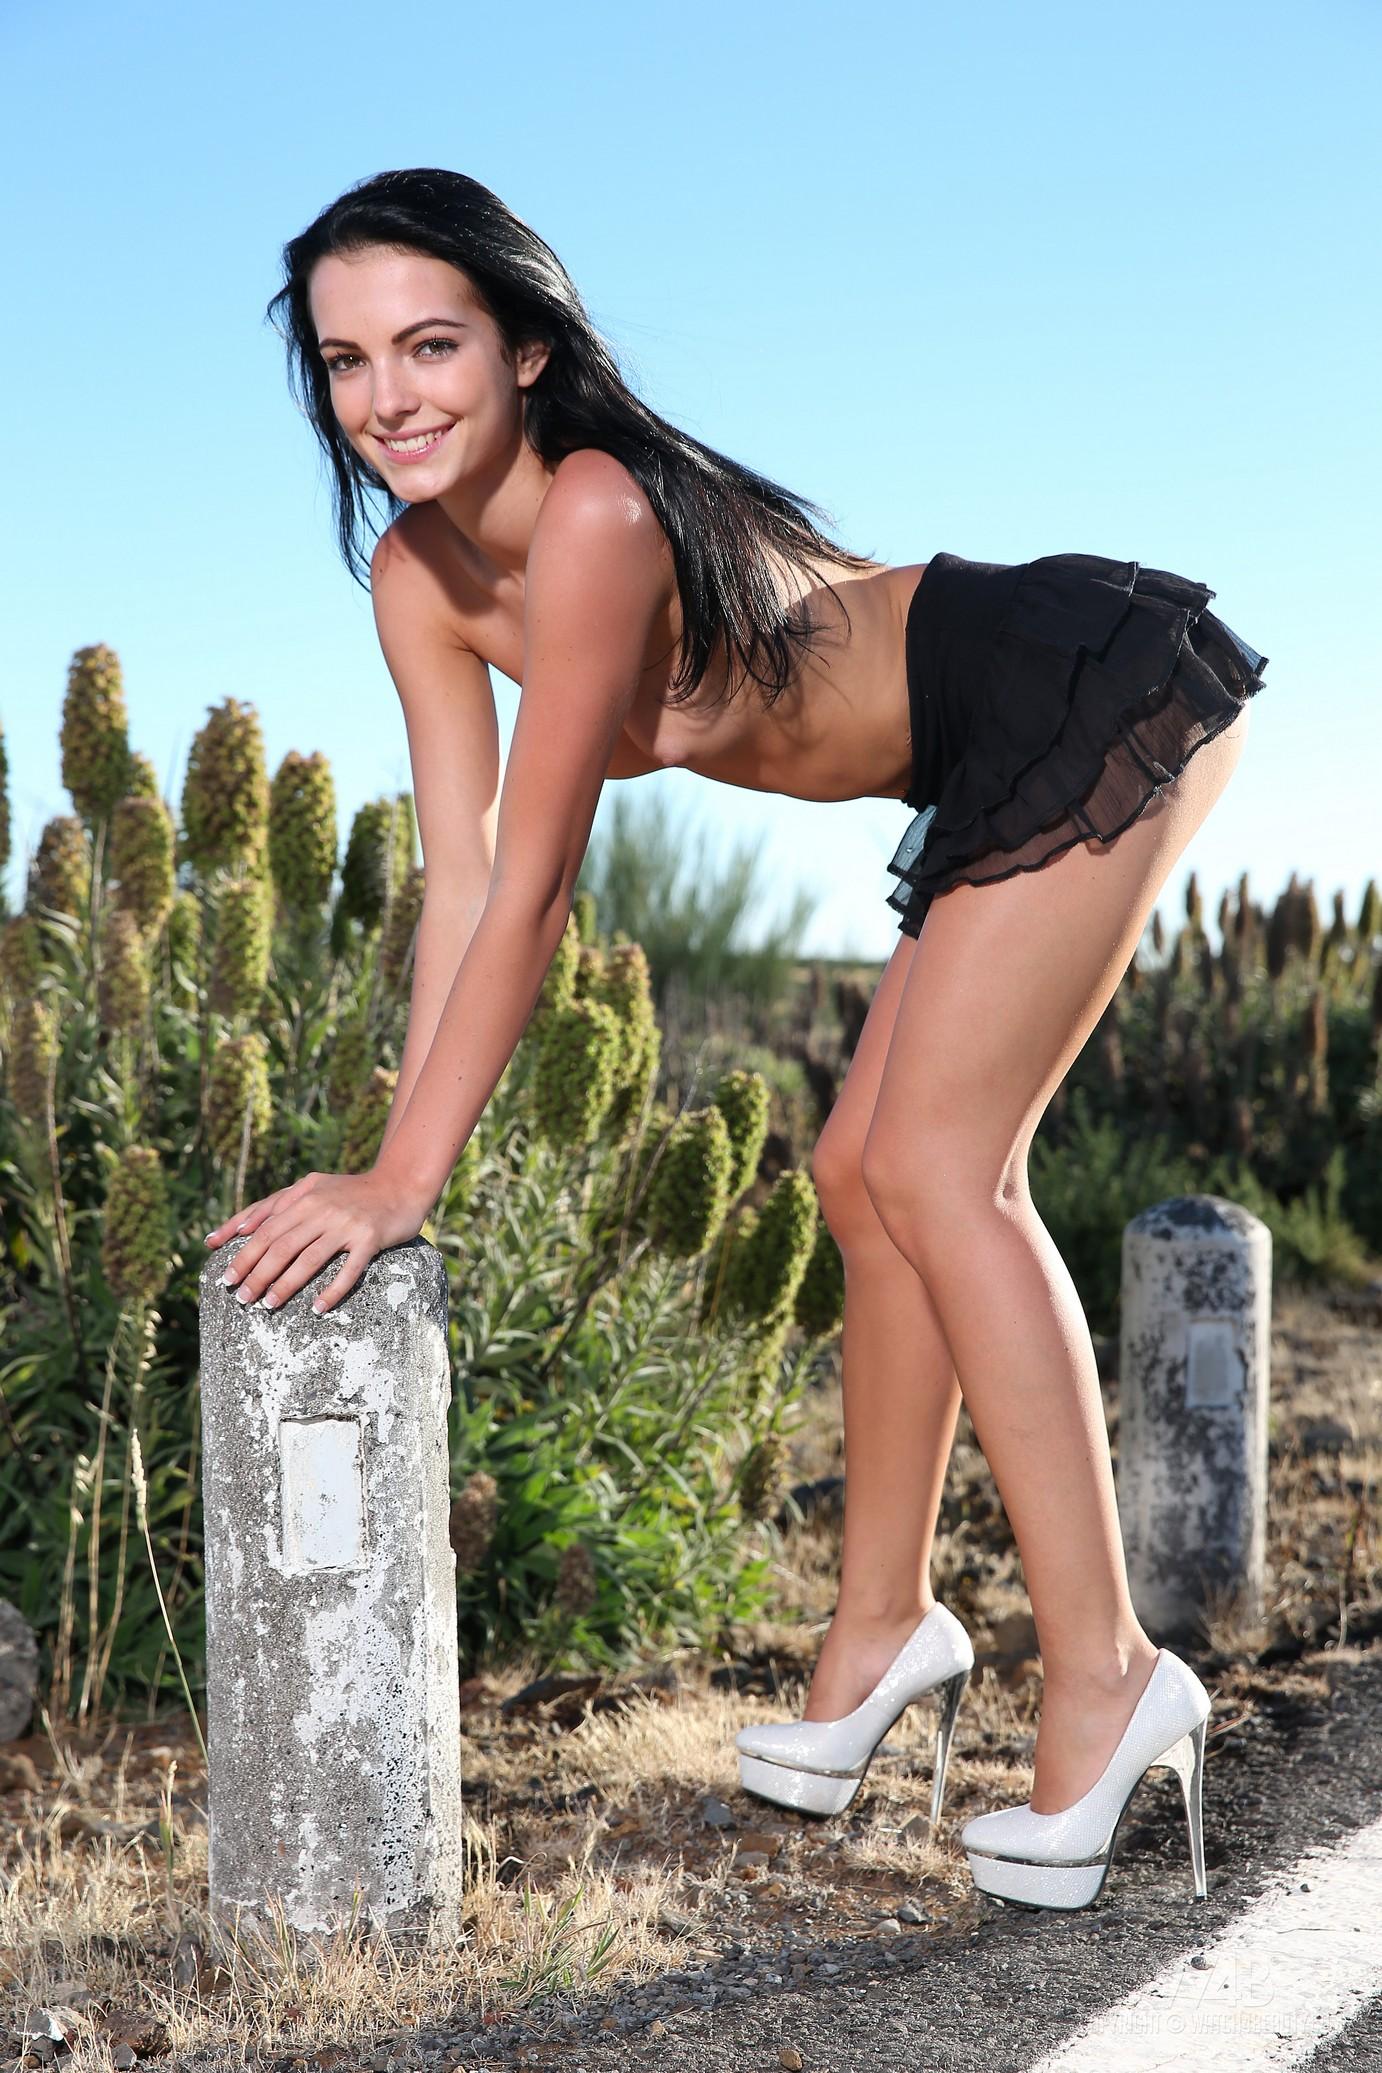 sapphira-naked-madeira-road-high-heels-brunette-w4b-28